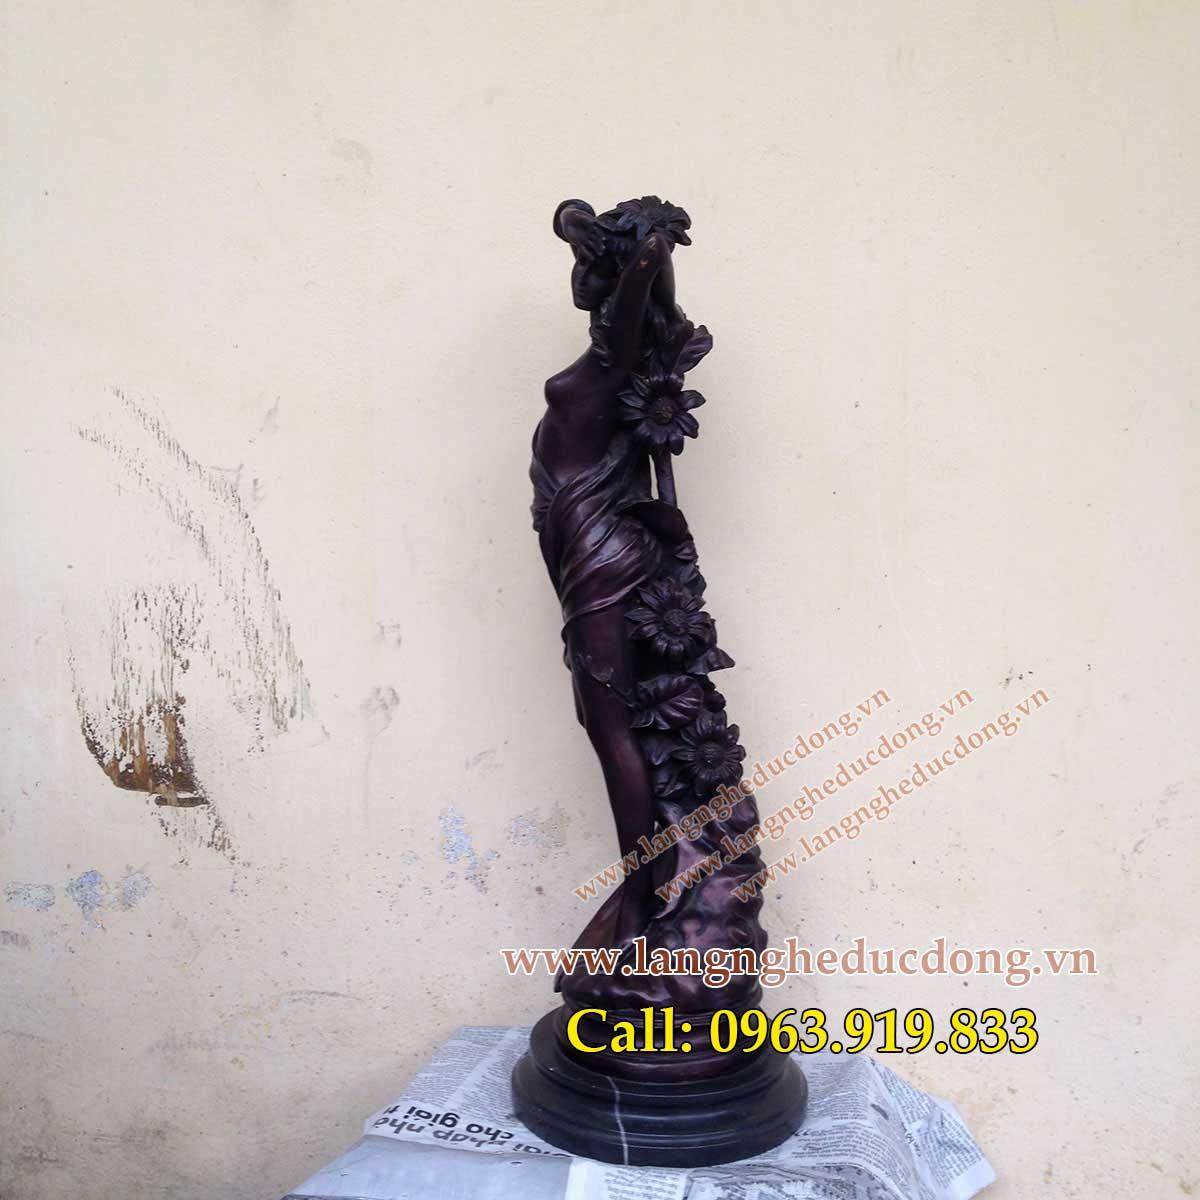 langngheducdong.vn - Tượng trang trí, tượng đồng trang trí, mẫu tượng trang trí cao 60cm